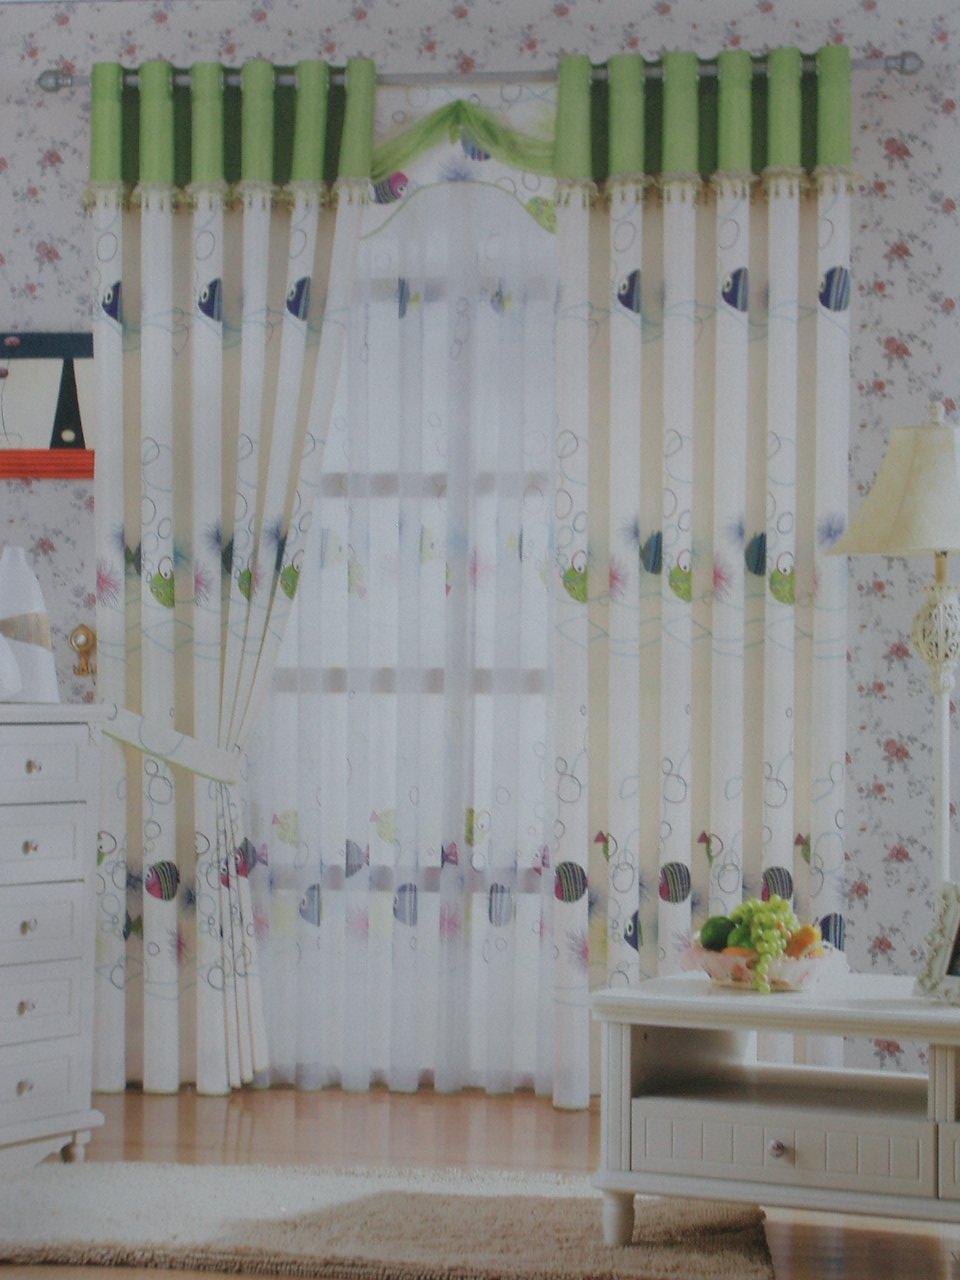 Chọn rèm cửa theo phong thủy phù hợp với căn nhà - ảnh 2